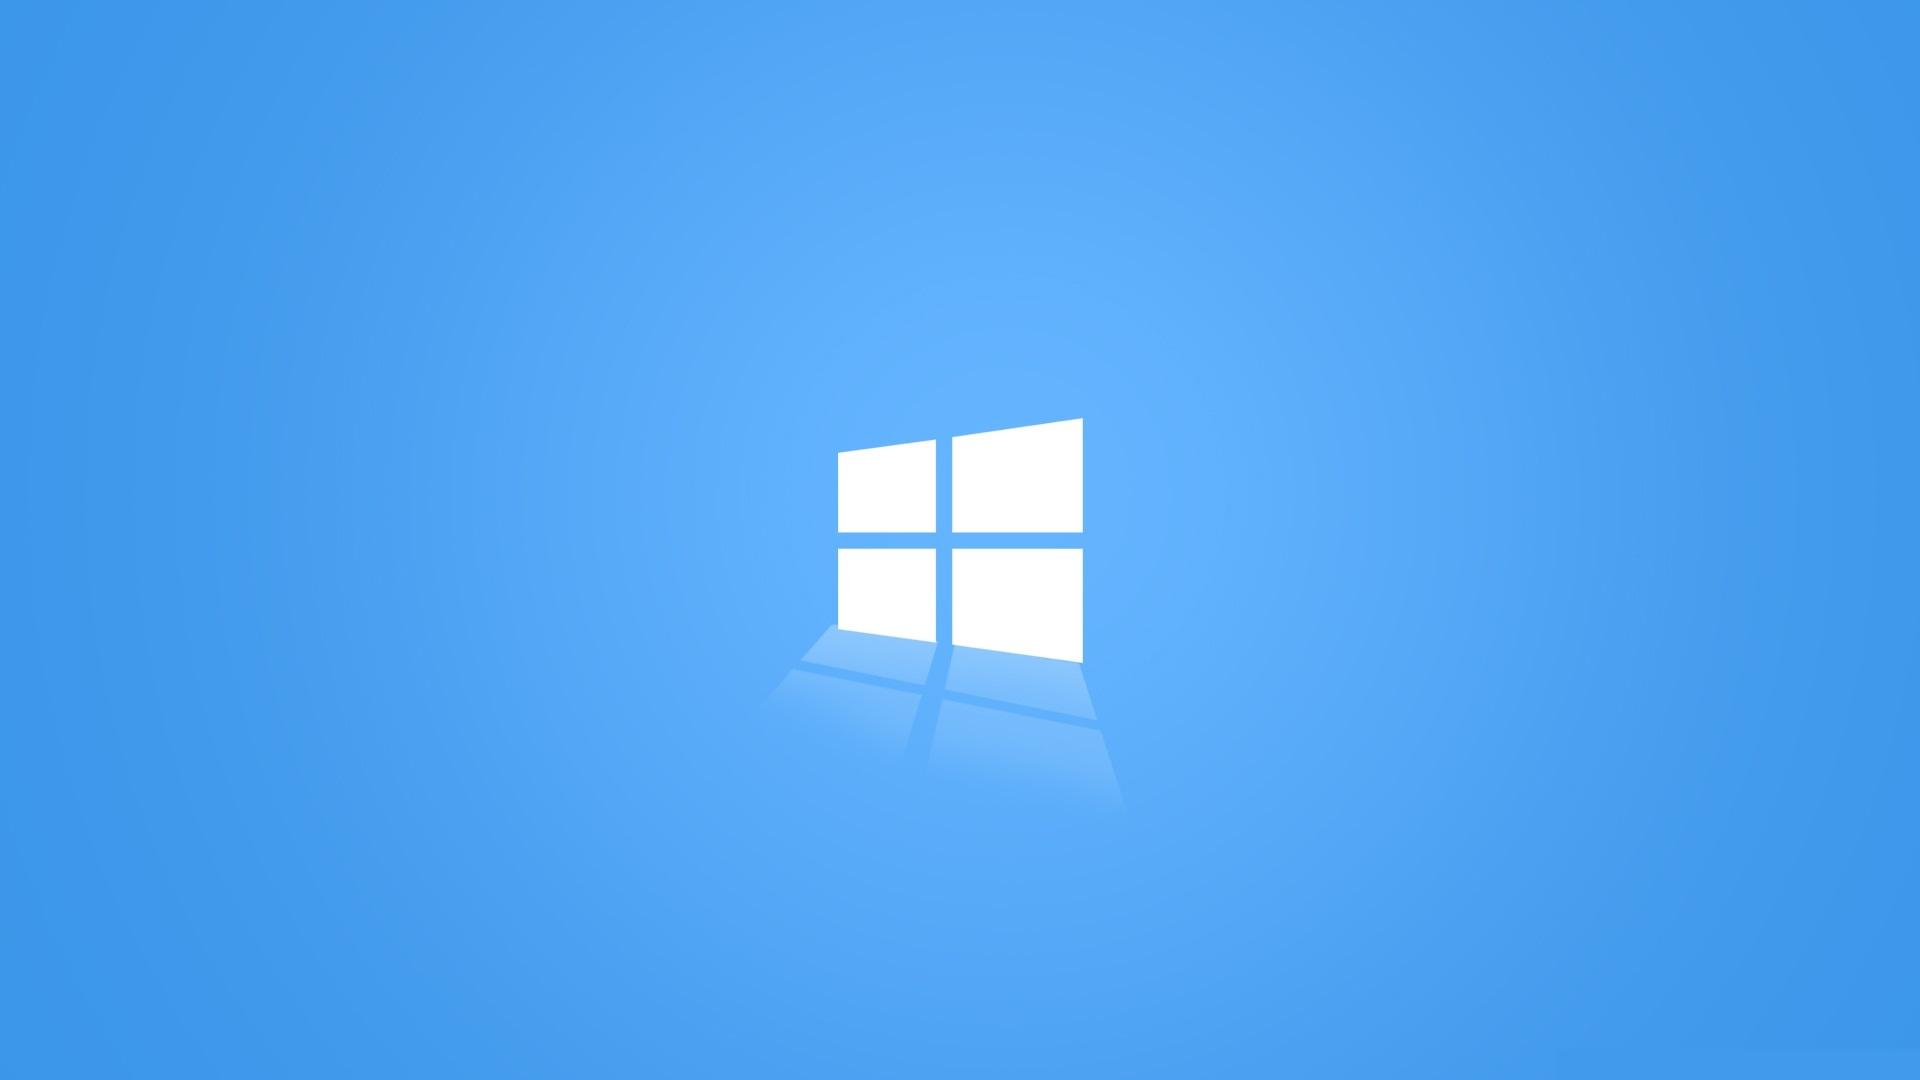 wallpaper for pc windows,blue,daytime,azure,sky,logo